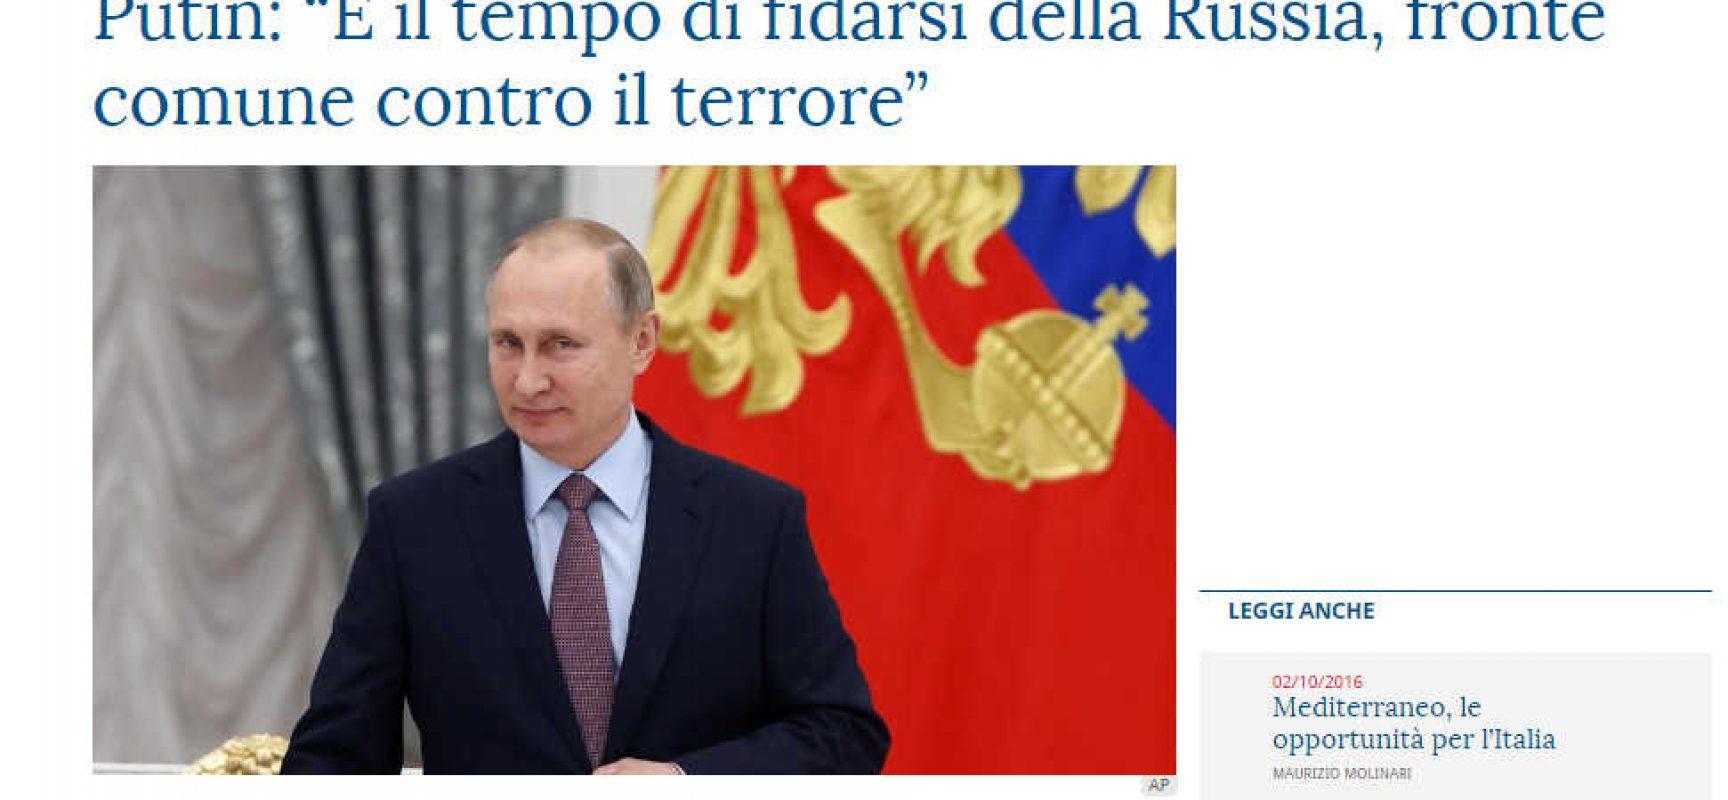 La Stampa e la strana lettera di Putin, articolo dettato da chi ?